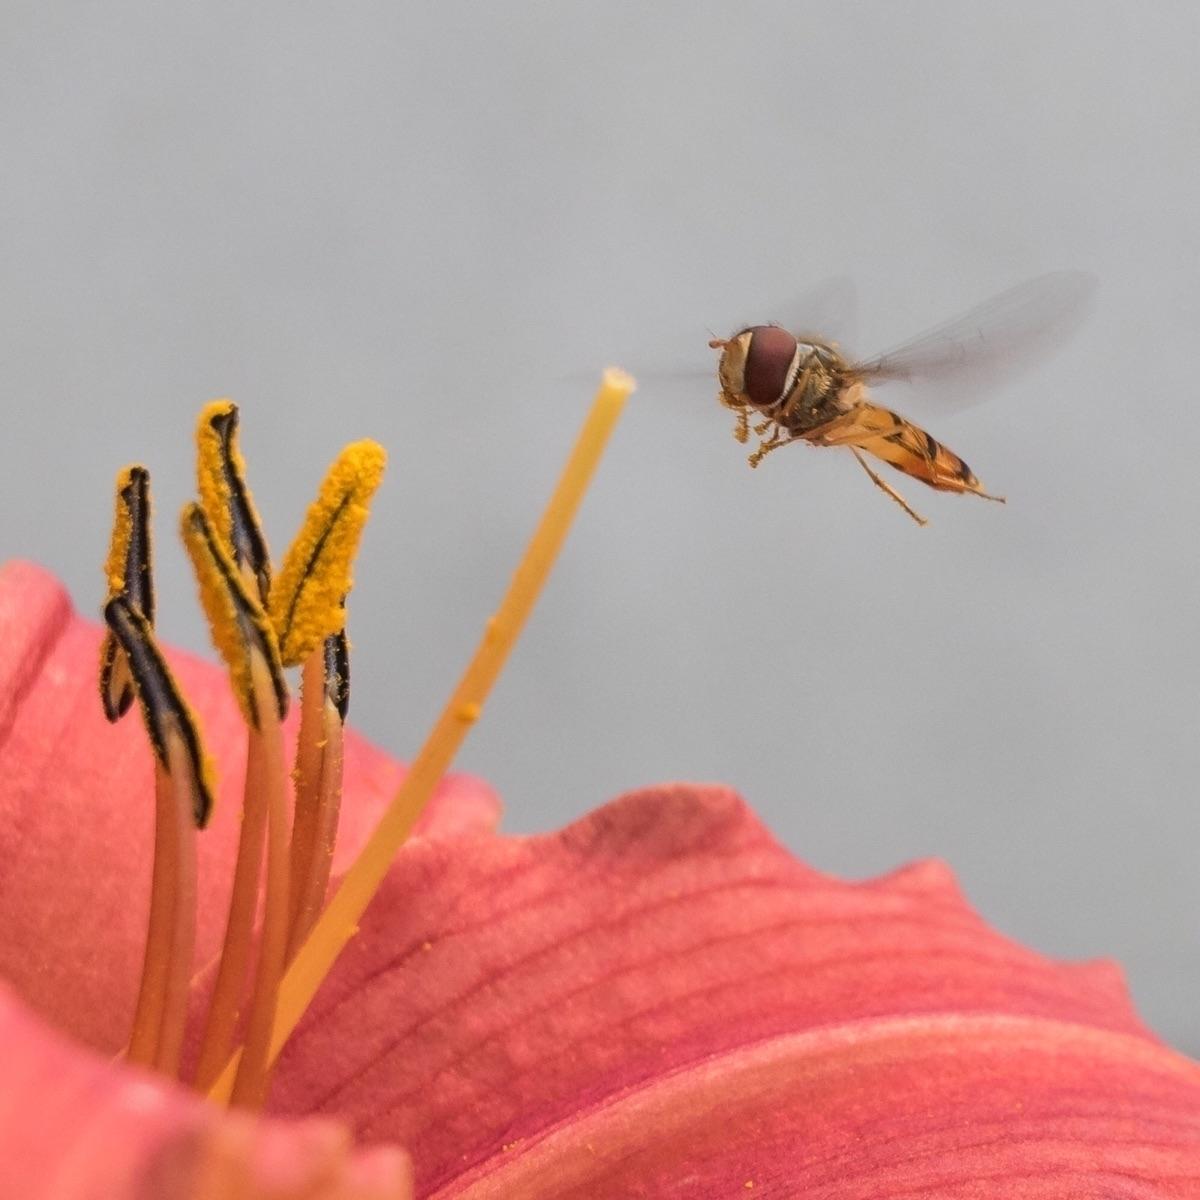 Saturday garden - nature, fly, insect - peter_skoglund | ello